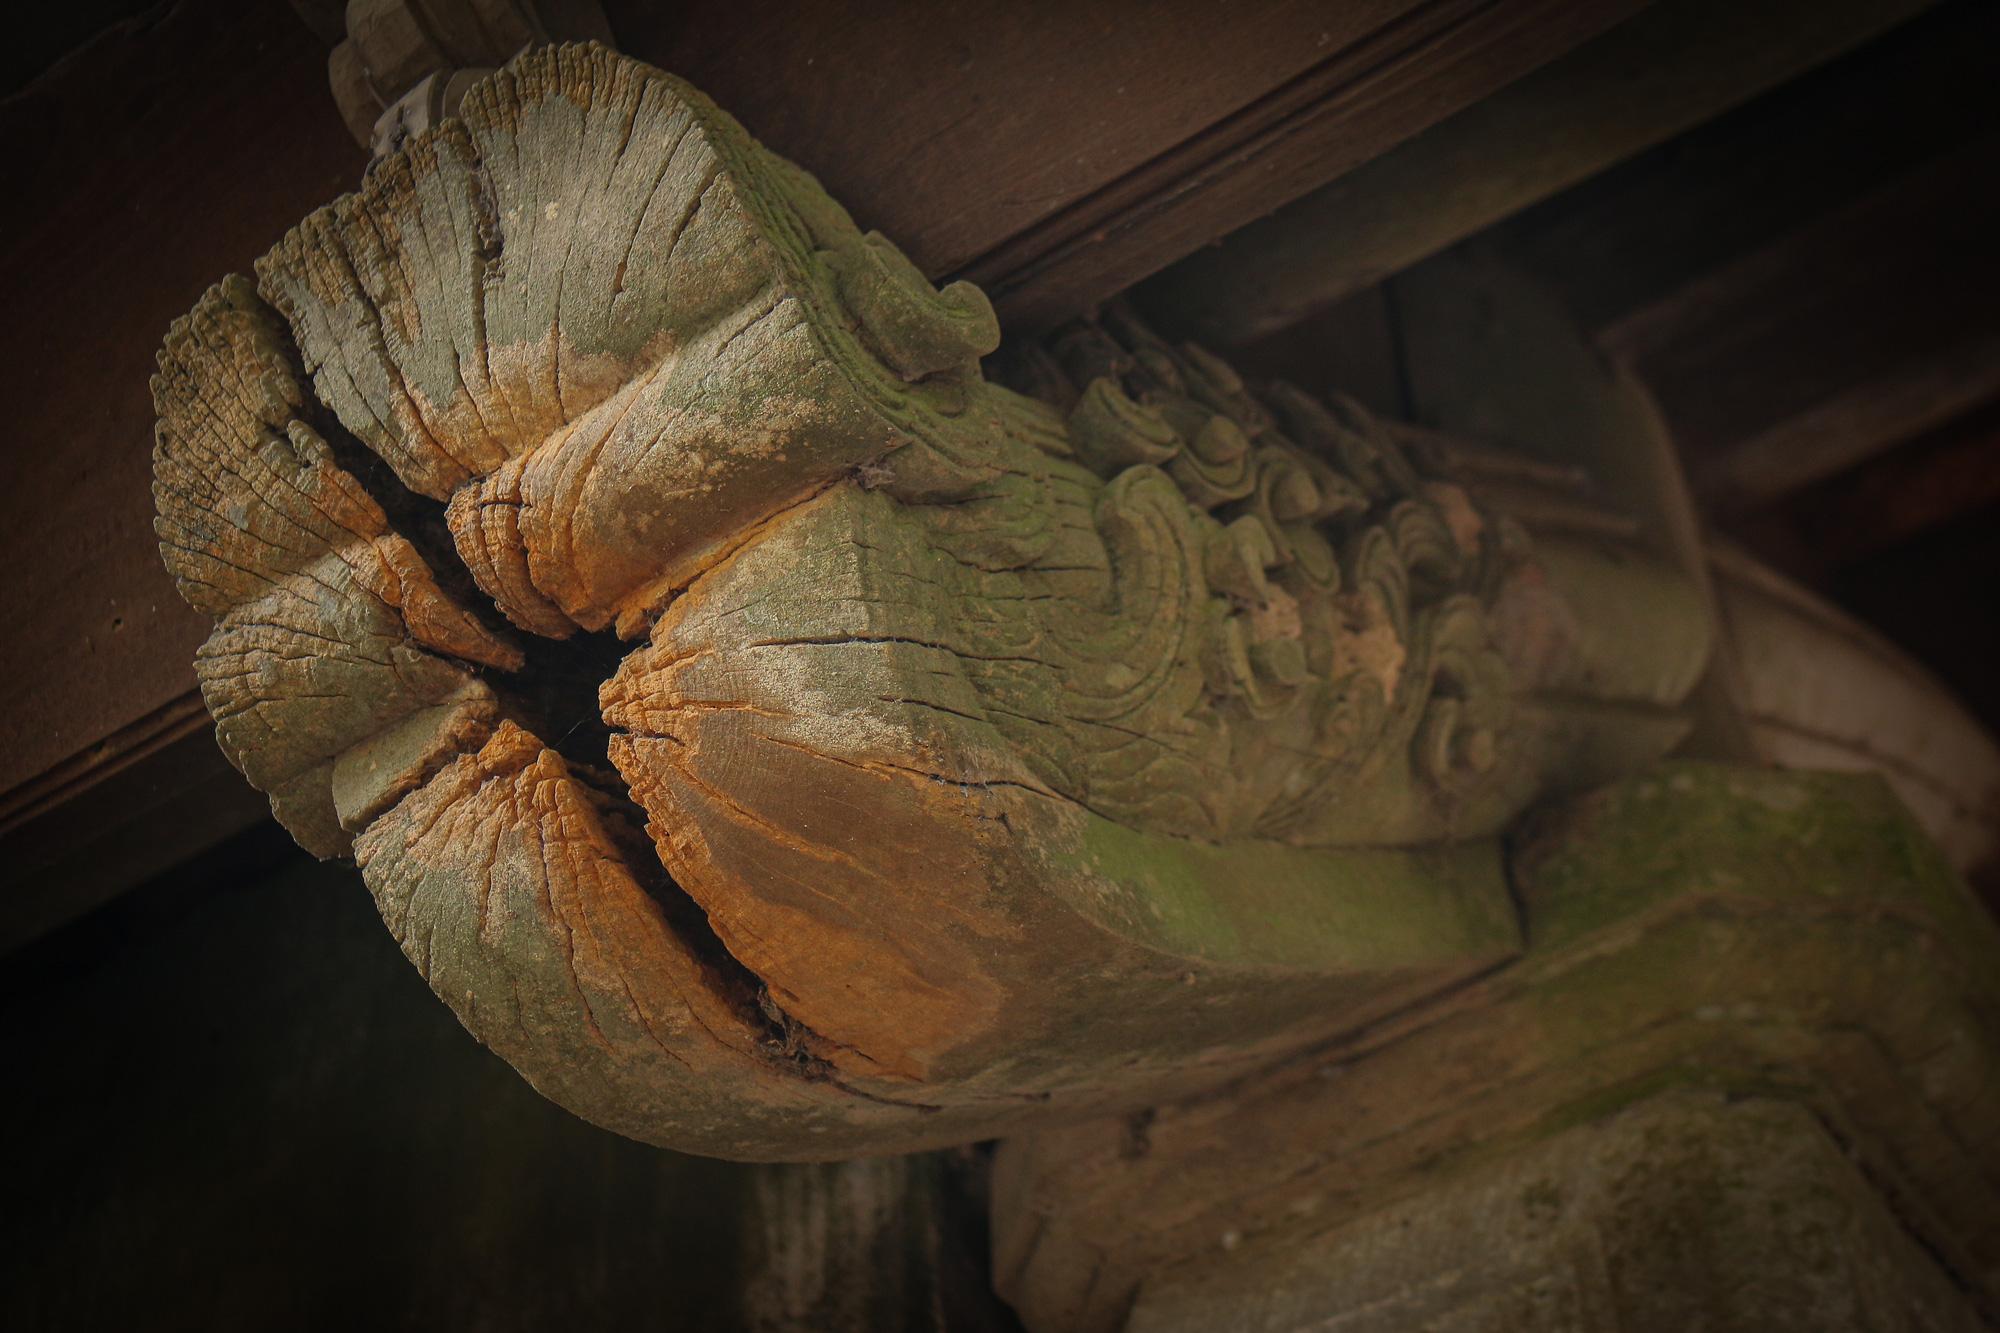 Đền đá Phú Đa: Nét kiến trúc độc đáo tồn tại hơn 300 năm lịch sử - Ảnh 13.